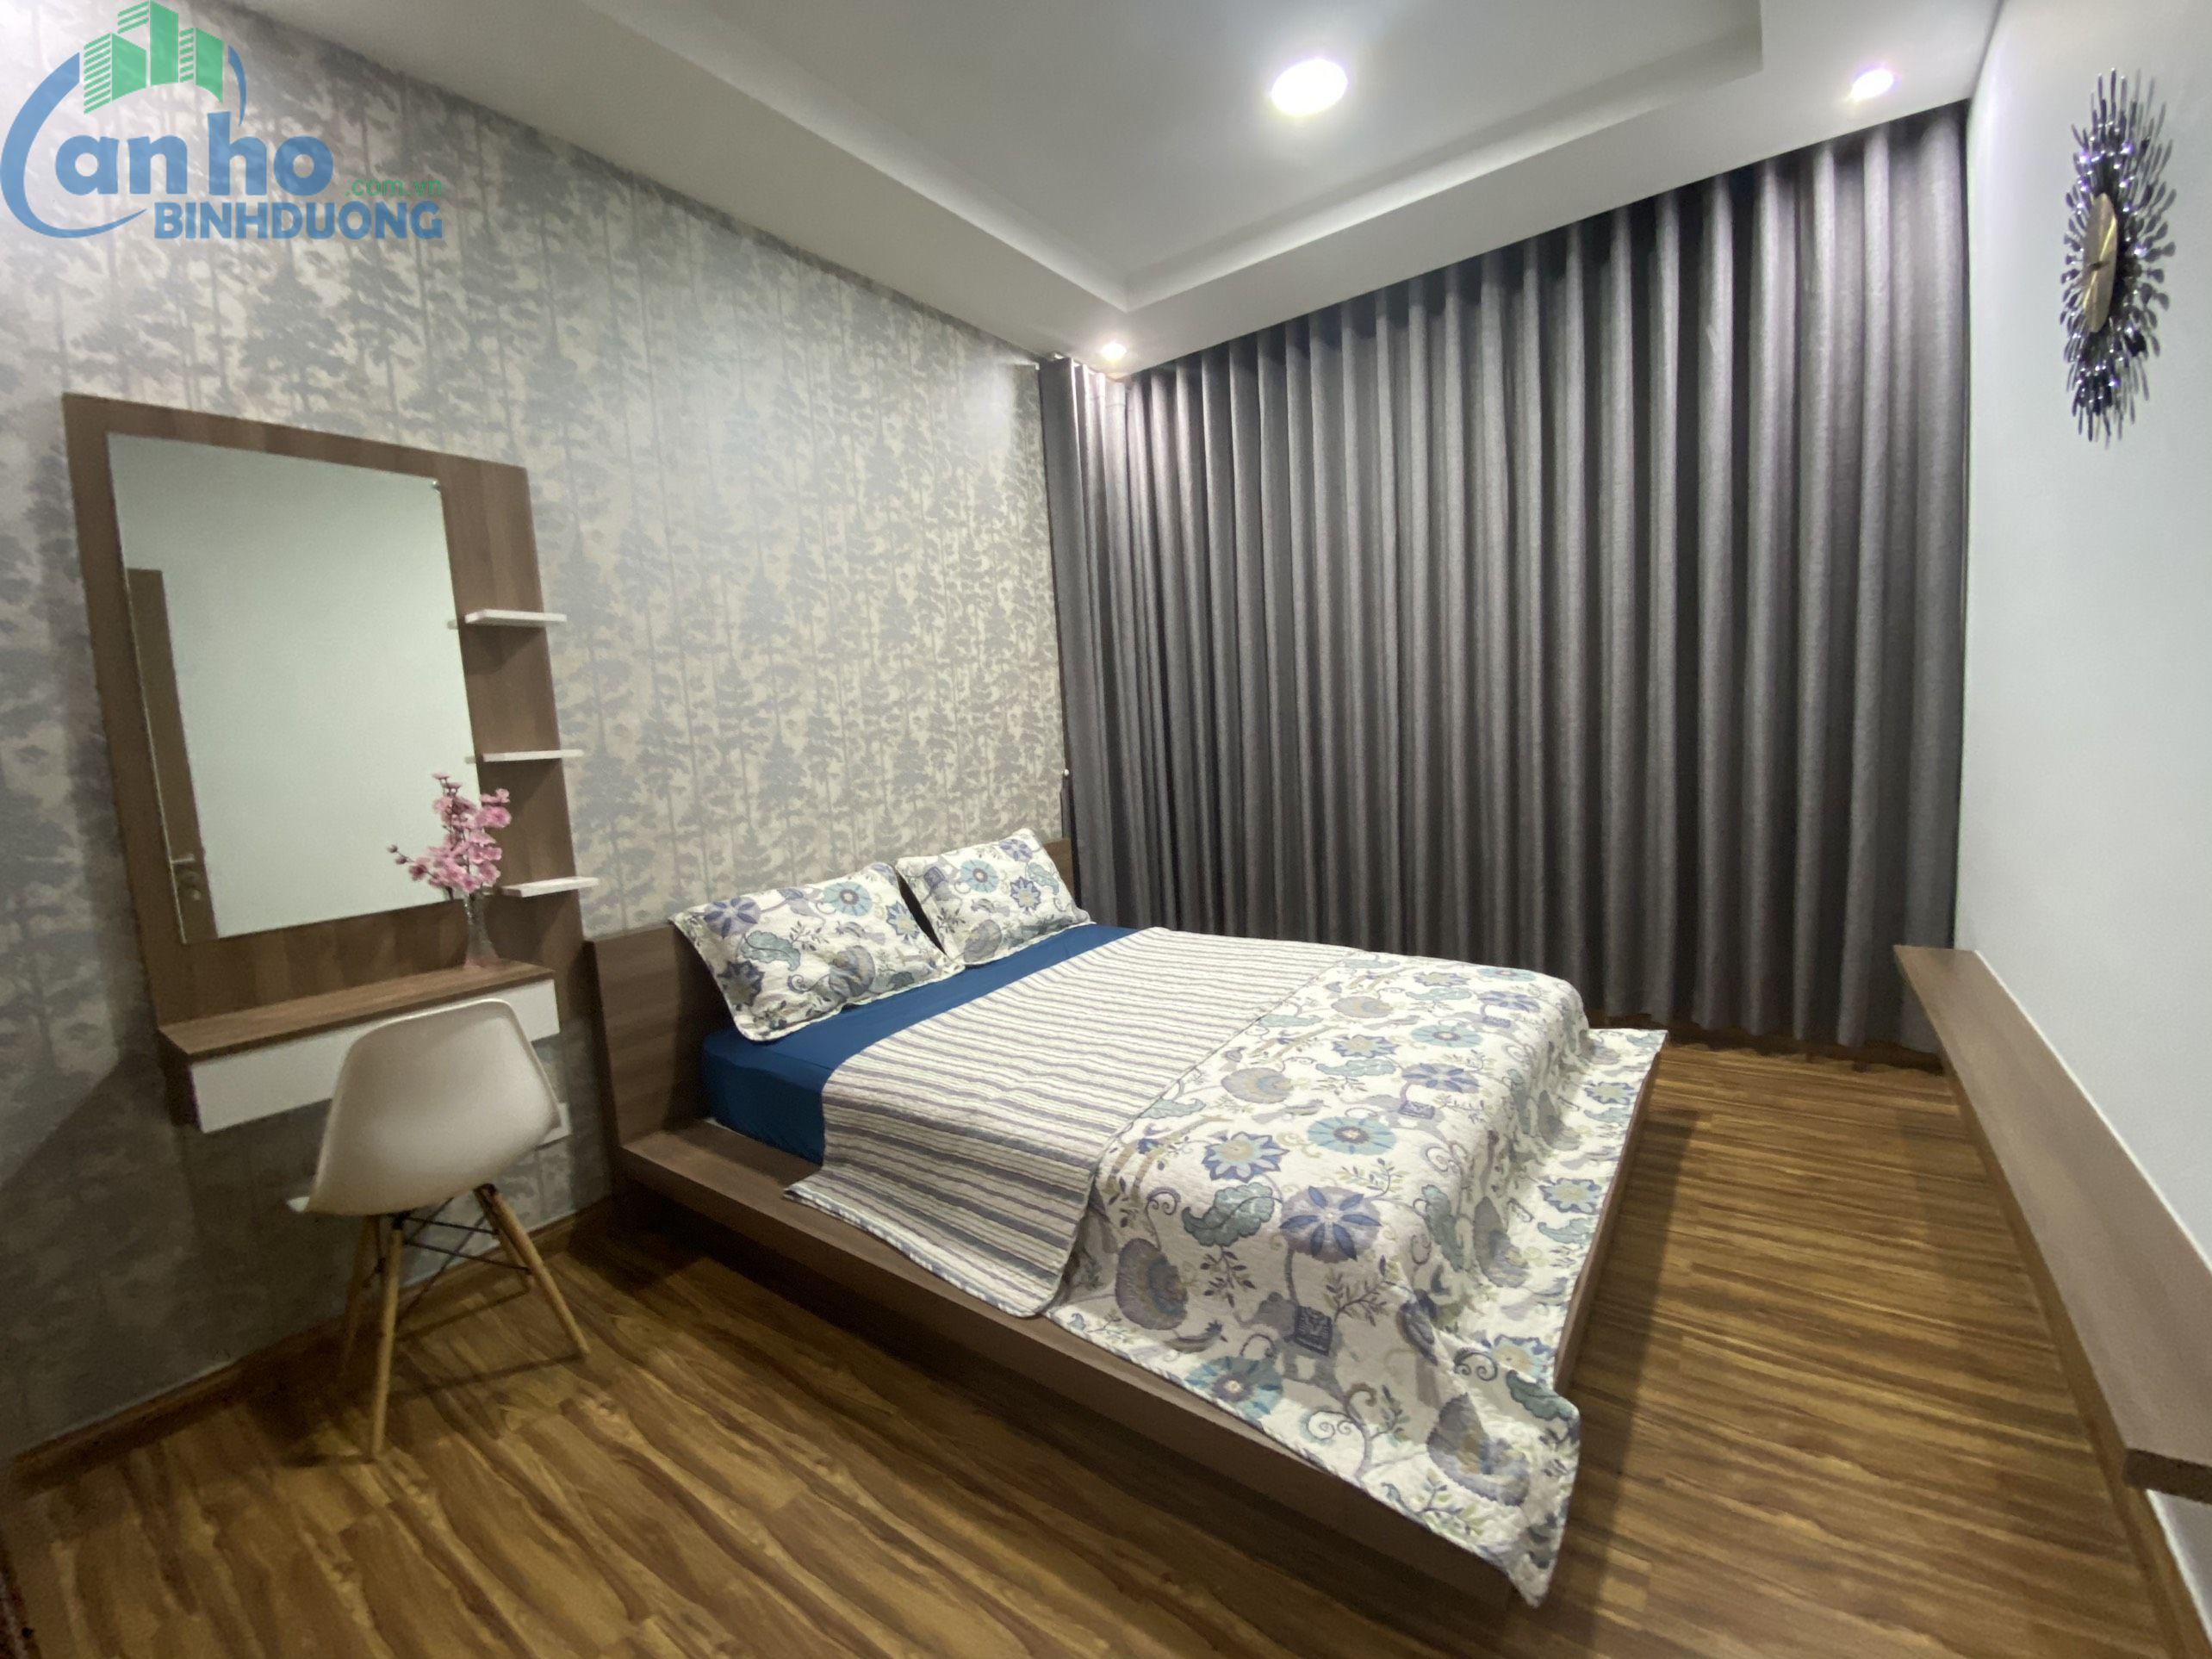 Căn hộ 3 phòng Dual key , DT 108 m2, ban công view công viên, tầng cao cho thuê đầy đủ tiện nghi cho